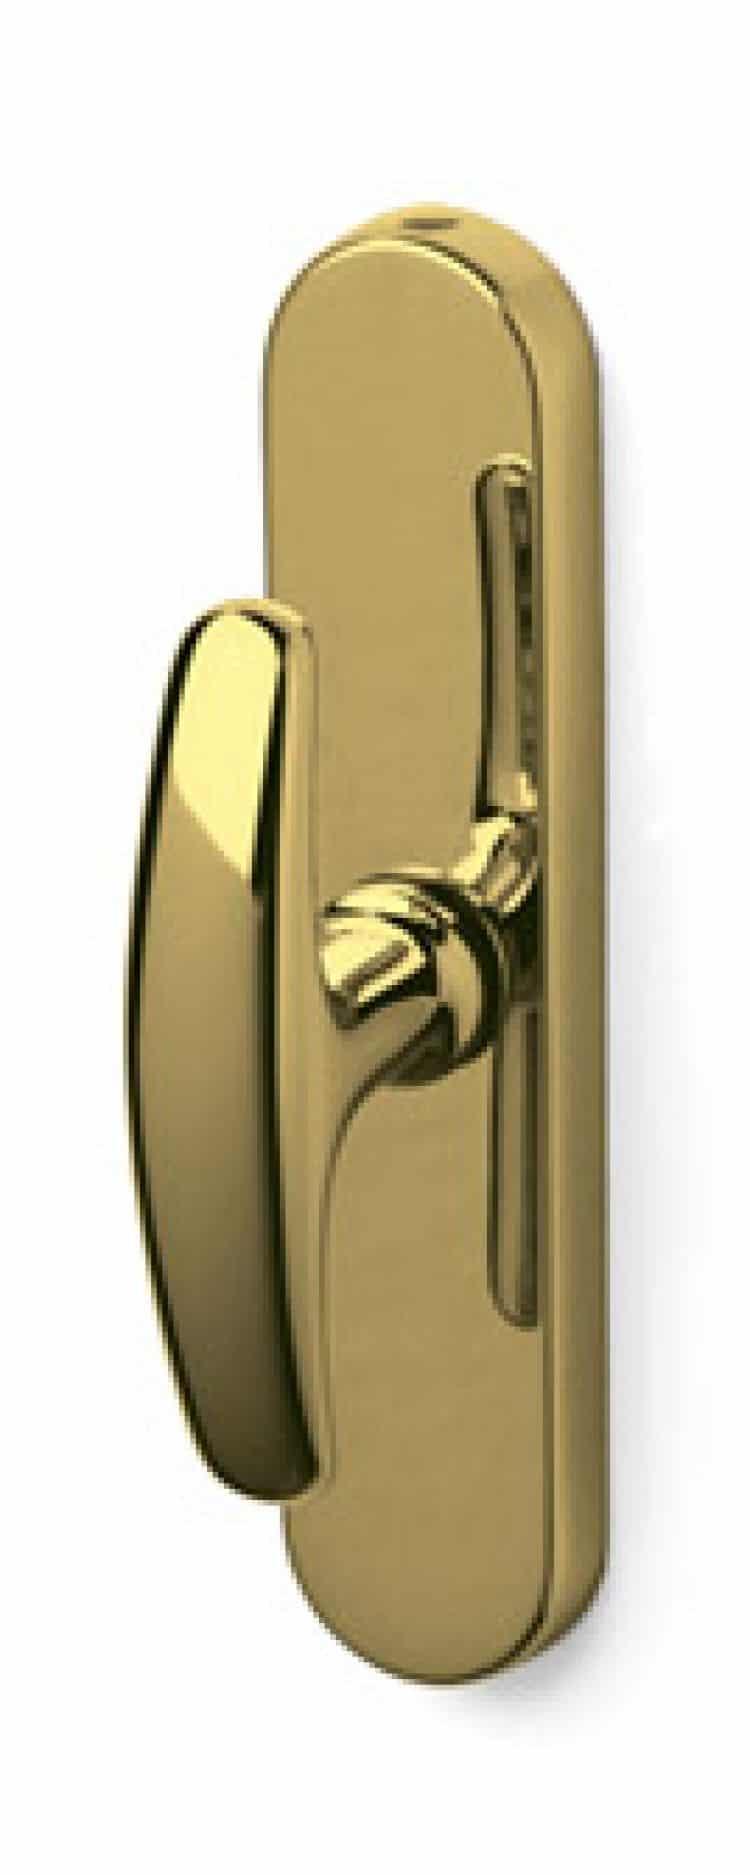 Olivari serie bolzano maniglie per finestre cremonese for Outlet arredamento bolzano